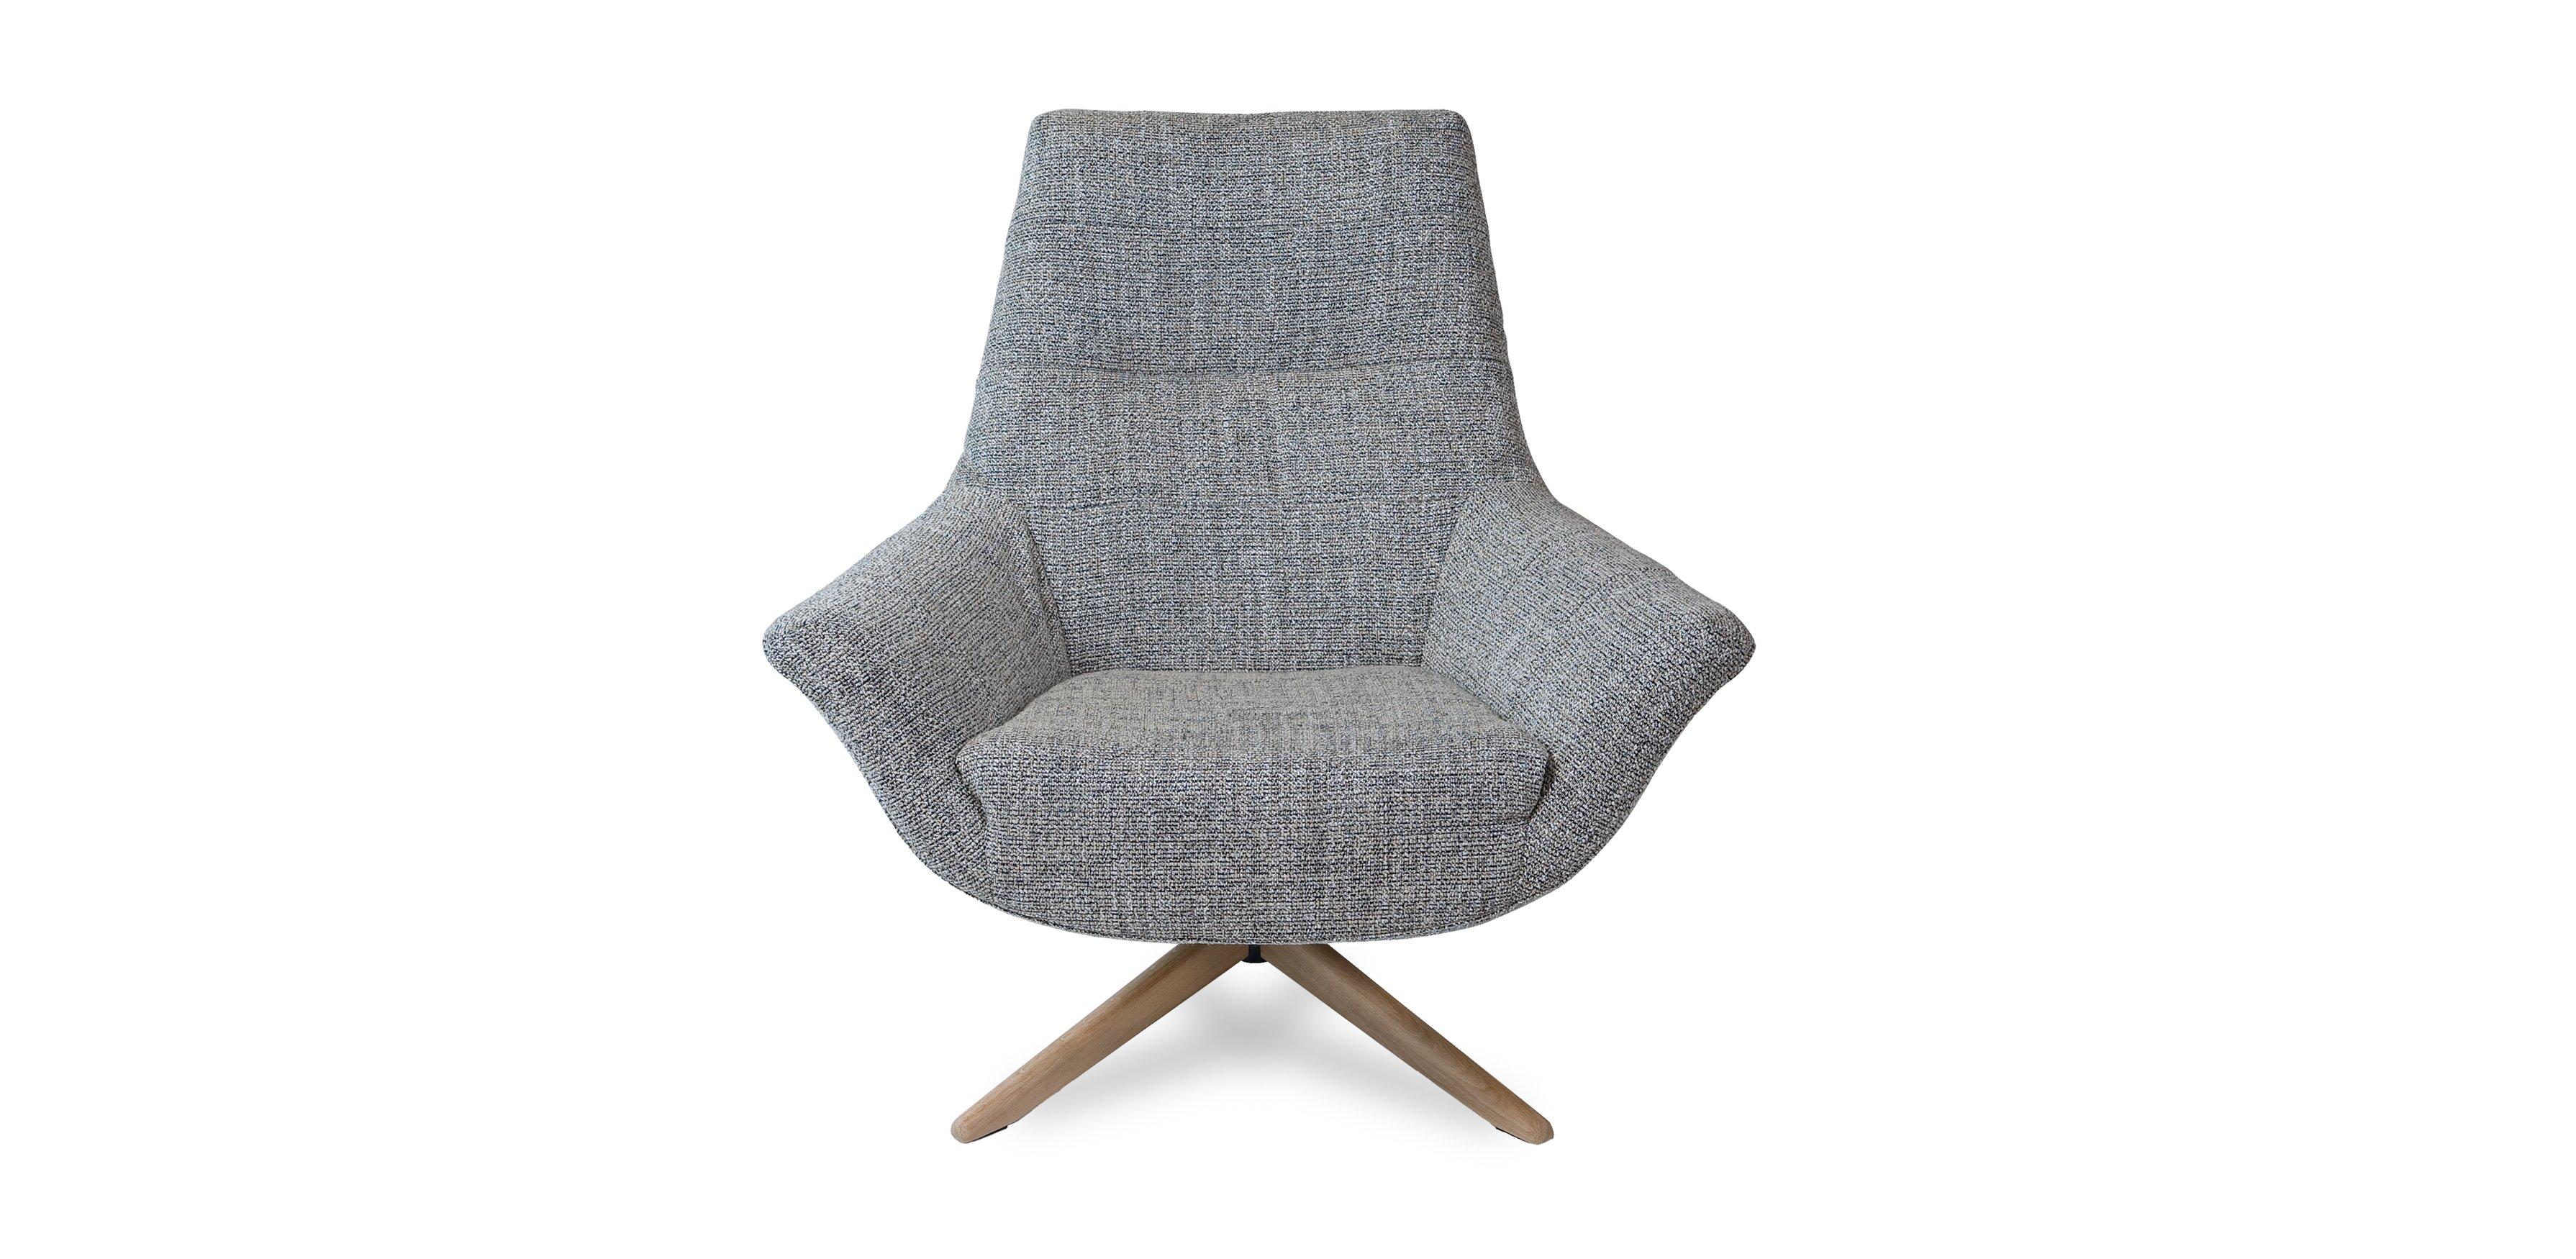 Guz fauteuil DYYK 2